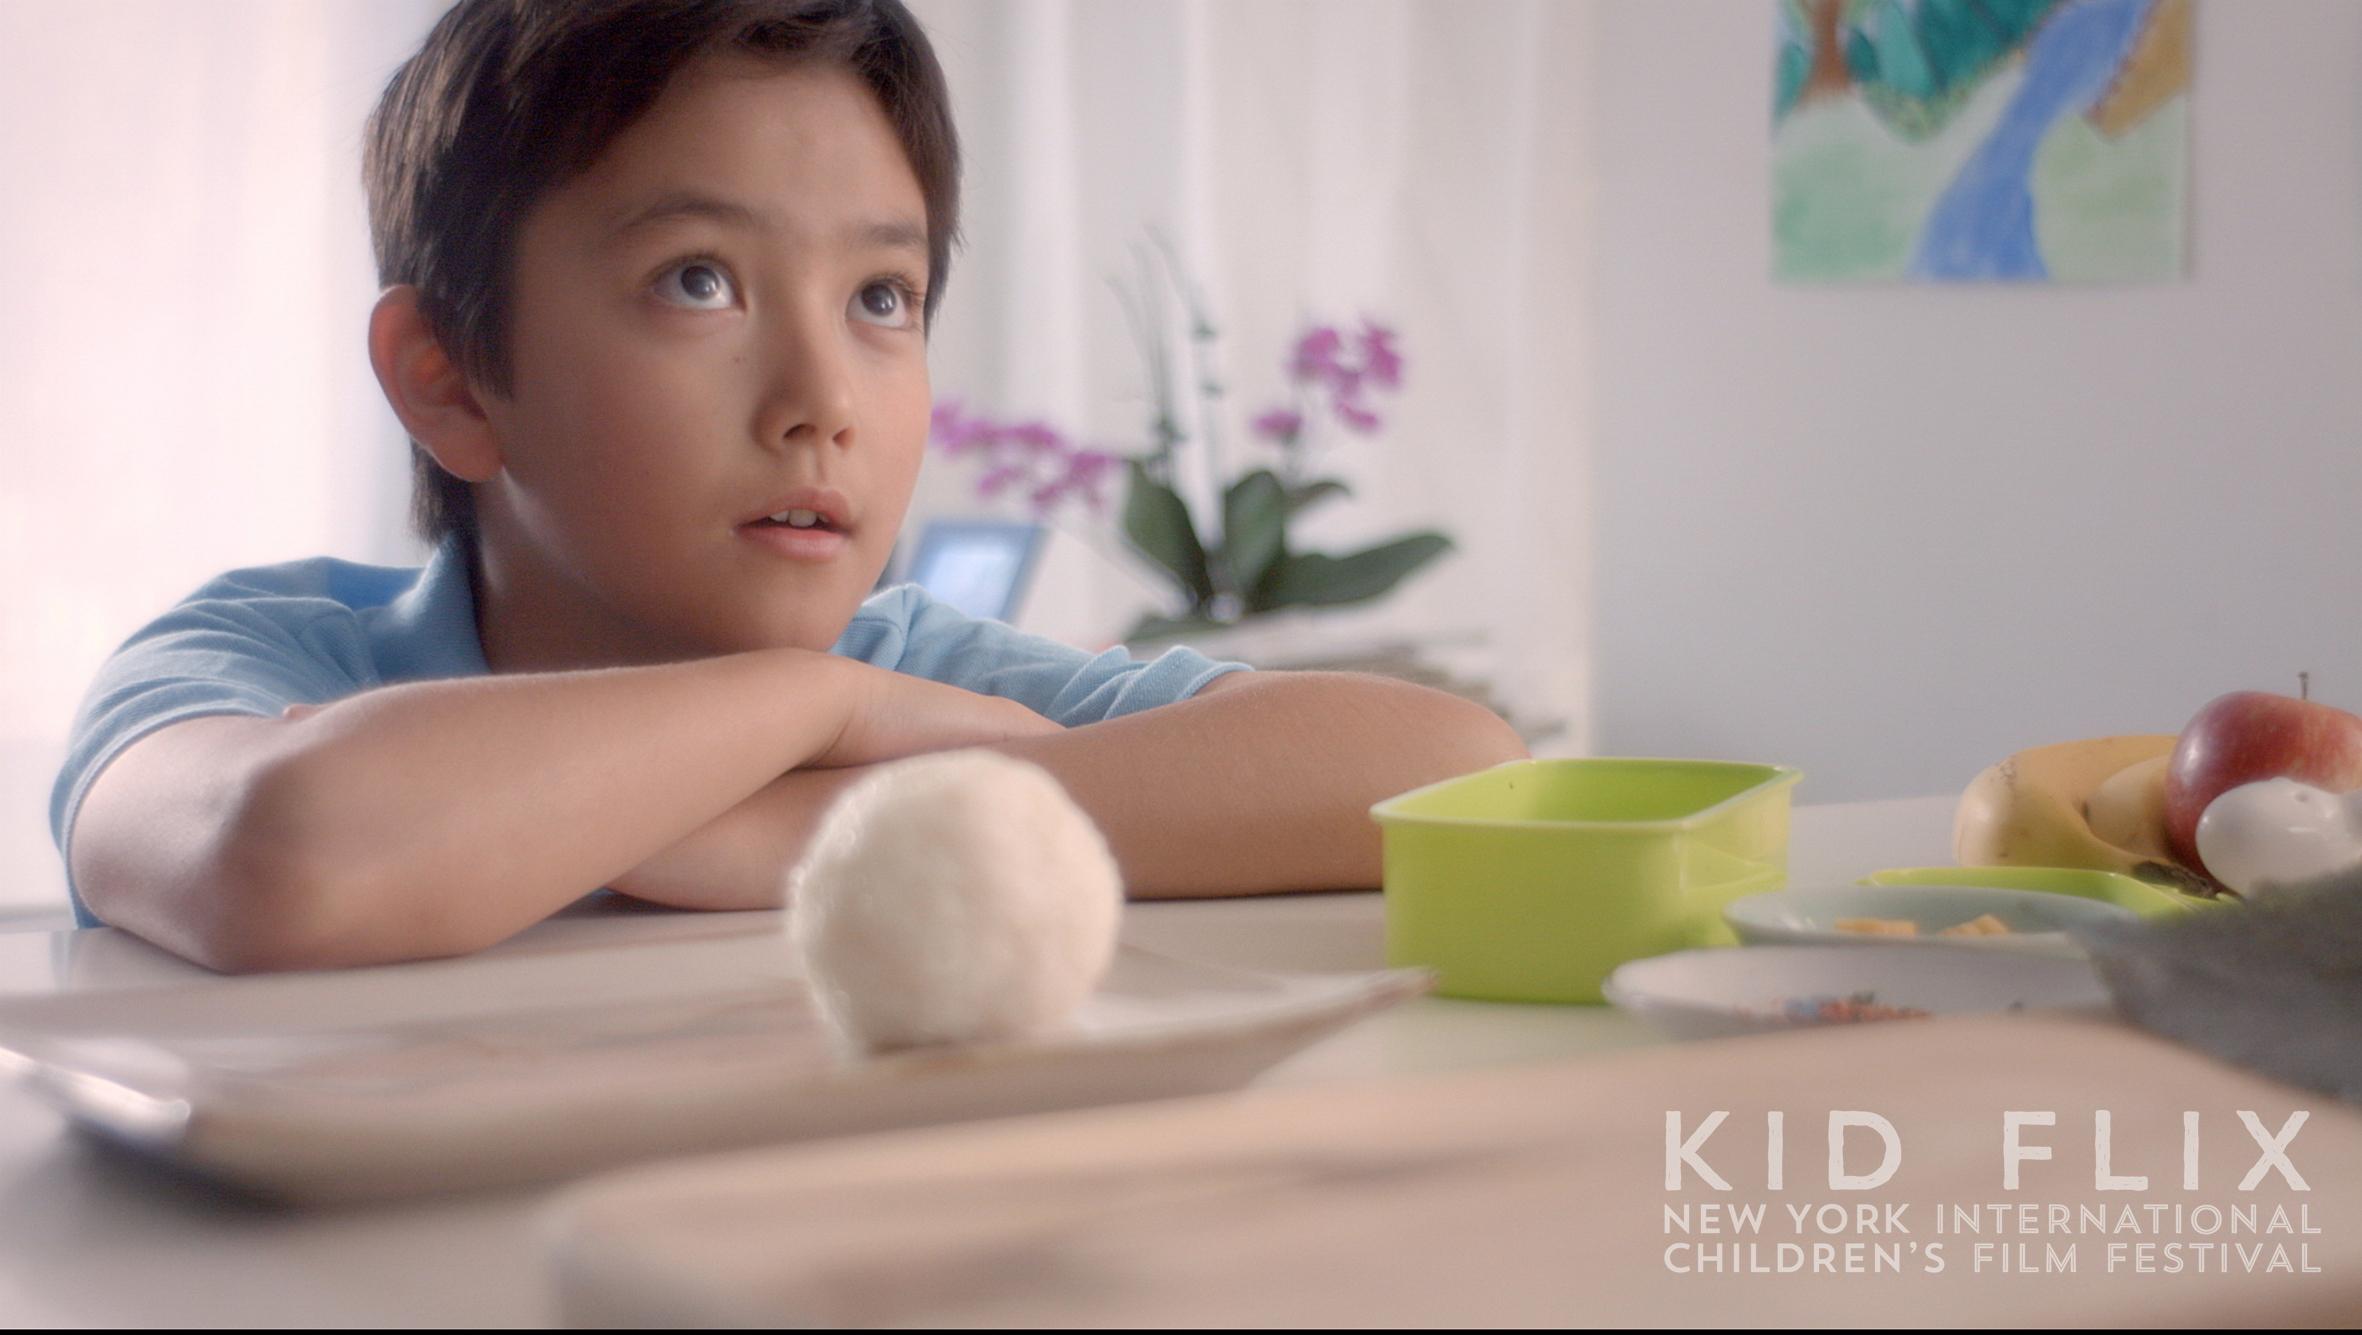 The Best of the 2017 New York International Children's Film Festival: Kidflix 2